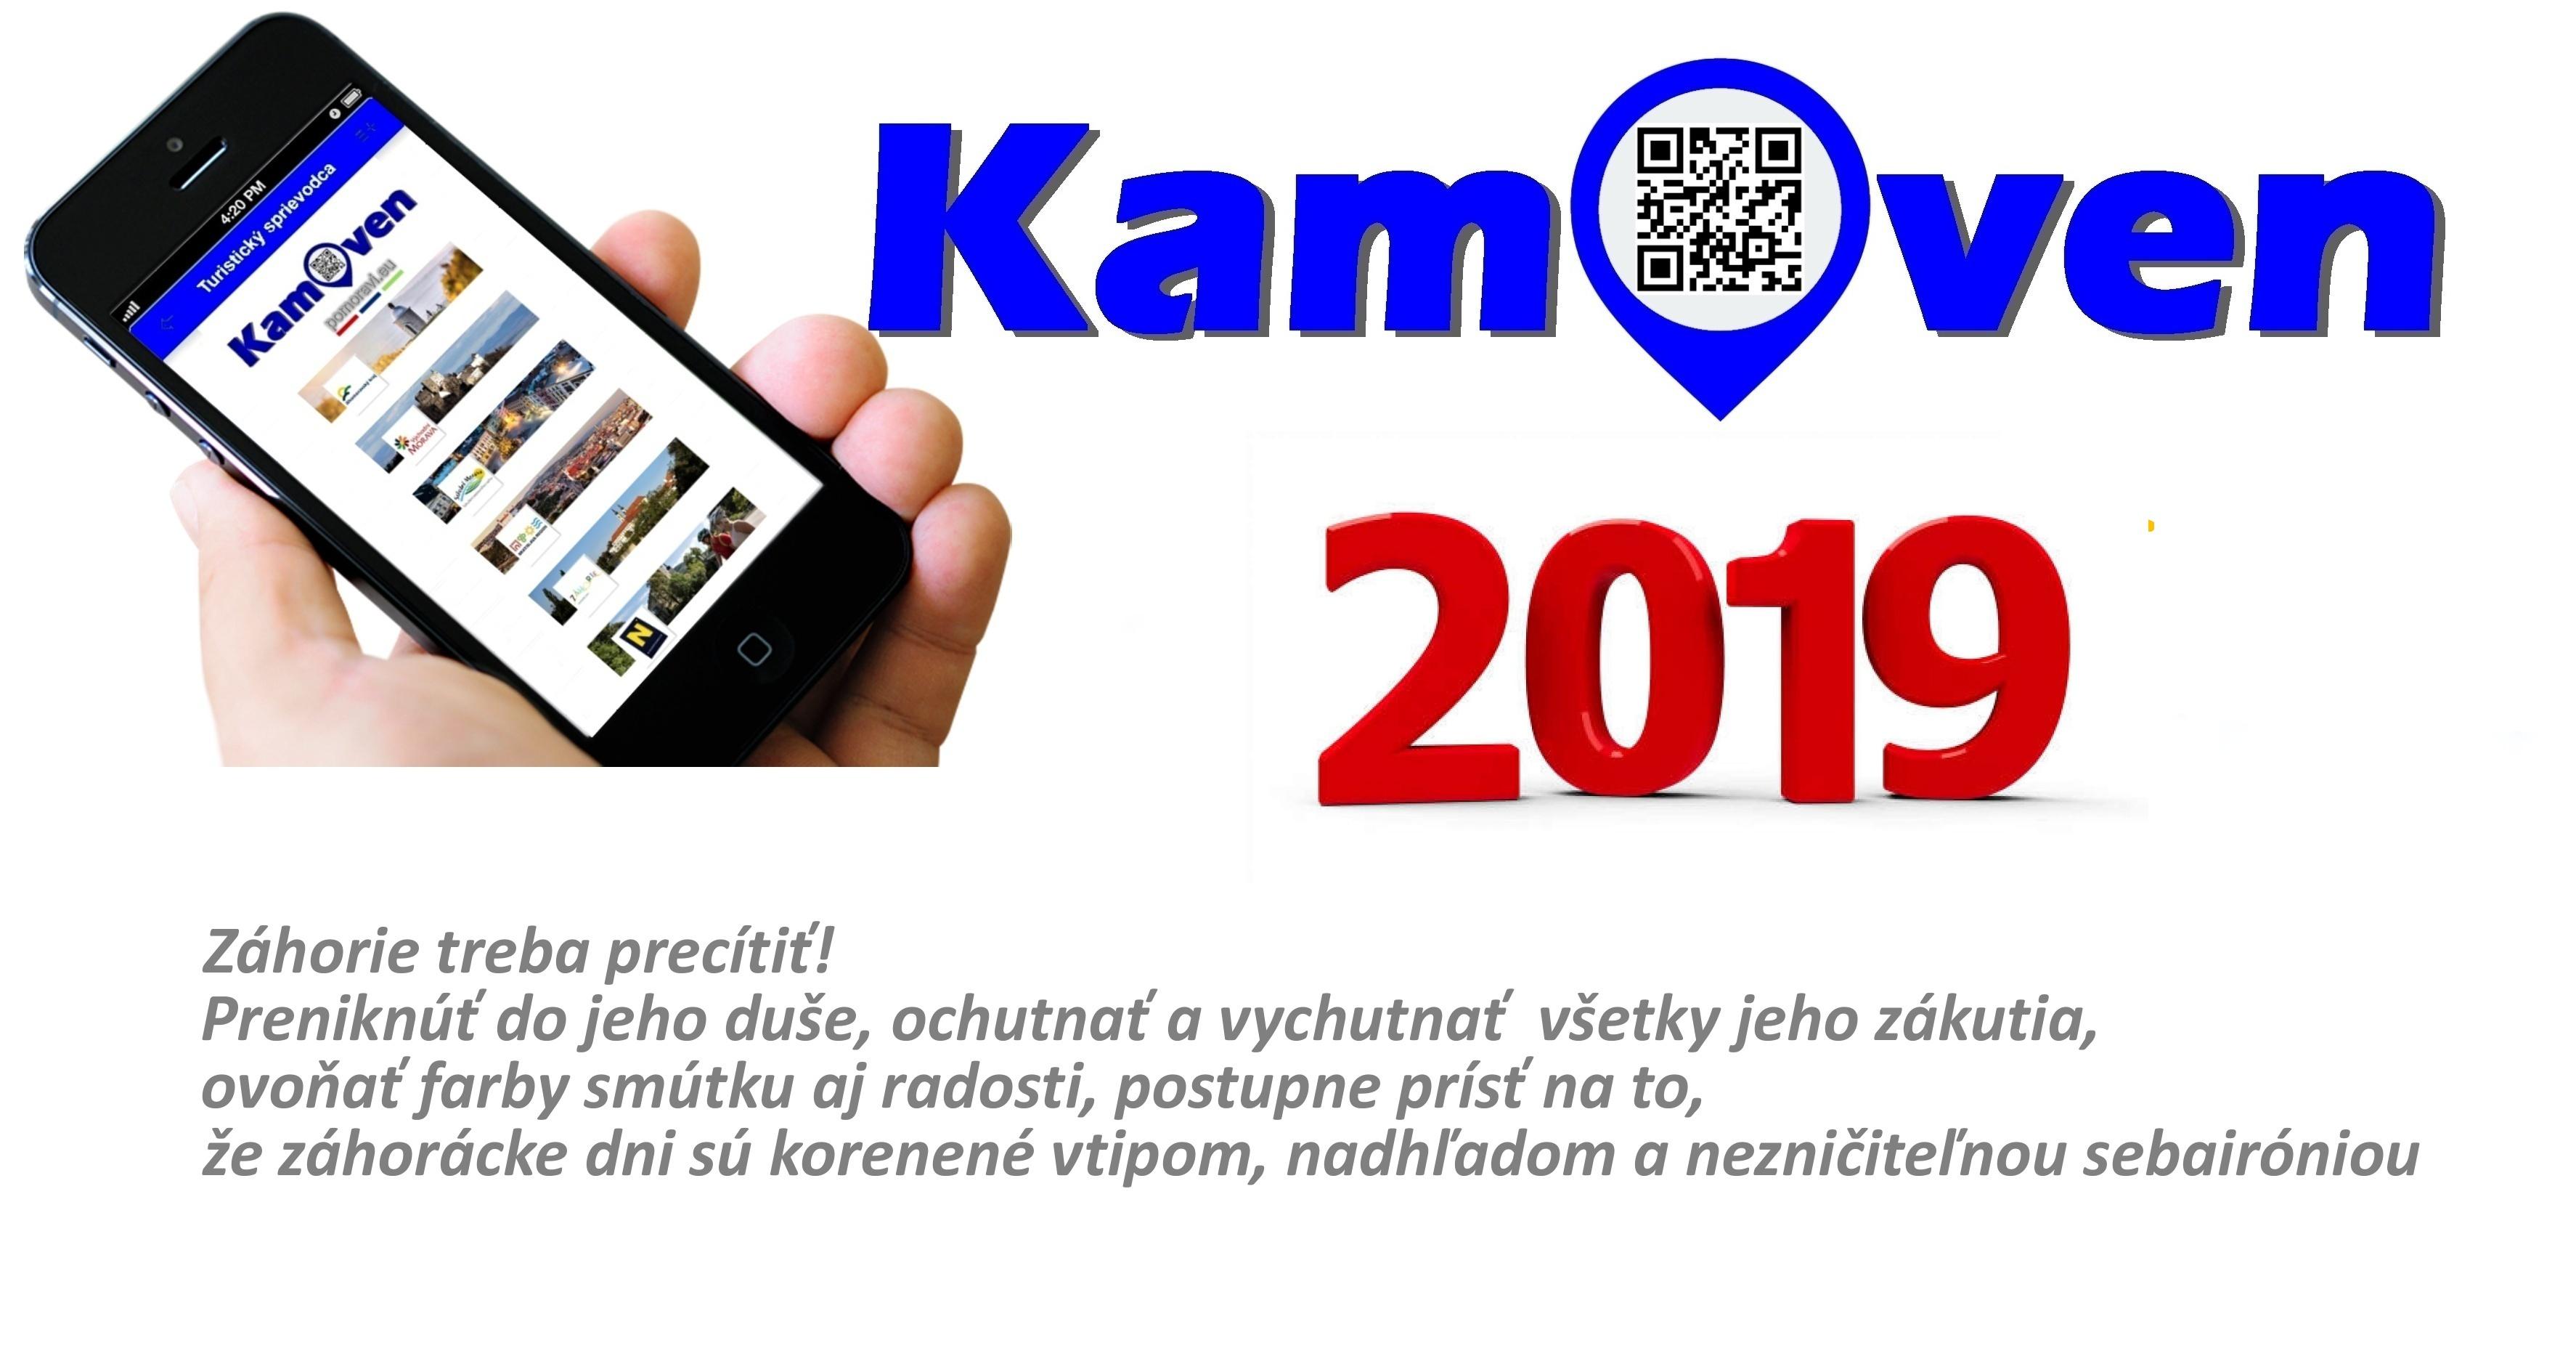 662a0ad94 Cestovný ruch regiónu Záhorie a oblastí Myjavské kopanice, Záhorská ...